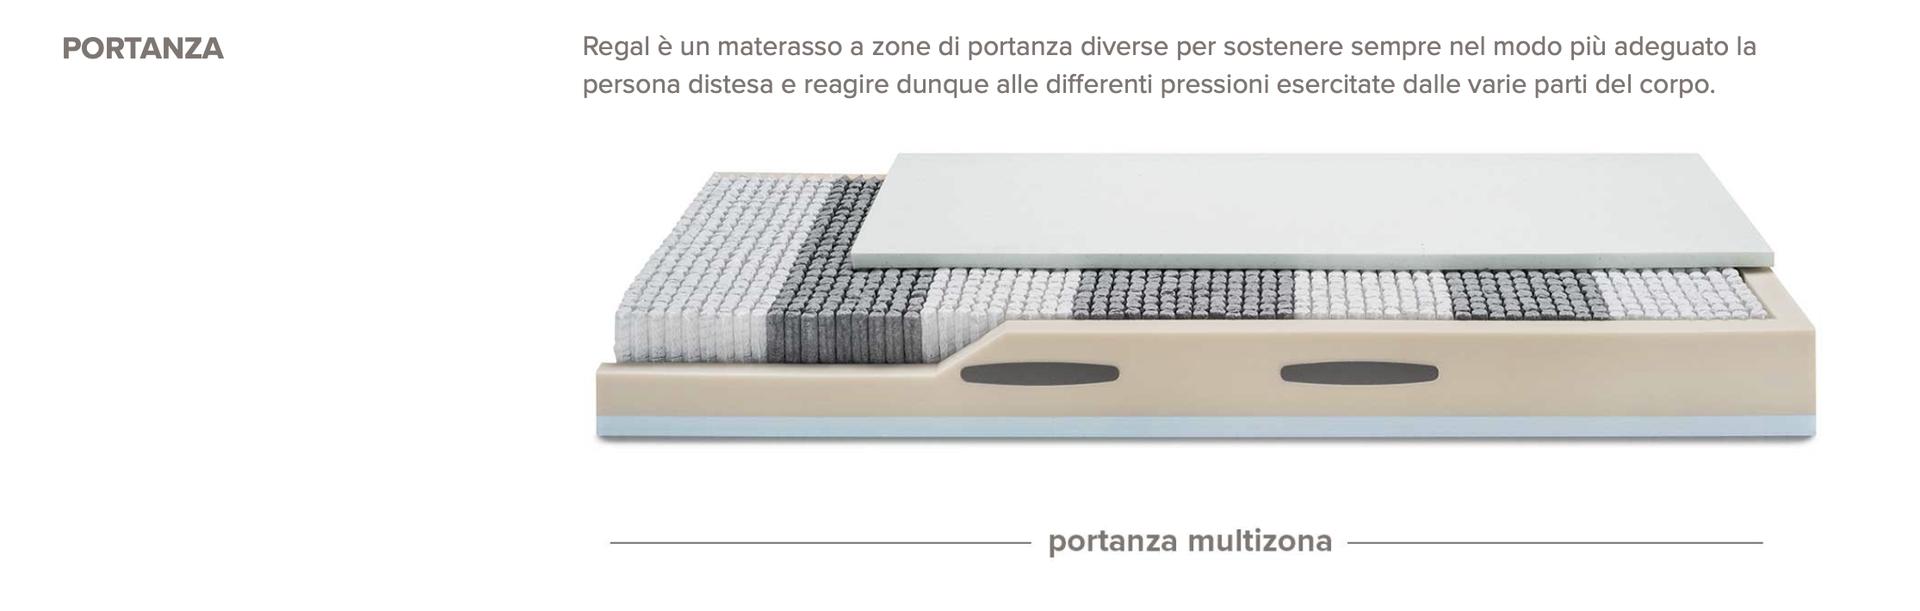 Materassi Cims Mobili Salerno Arredamento Per La Casa